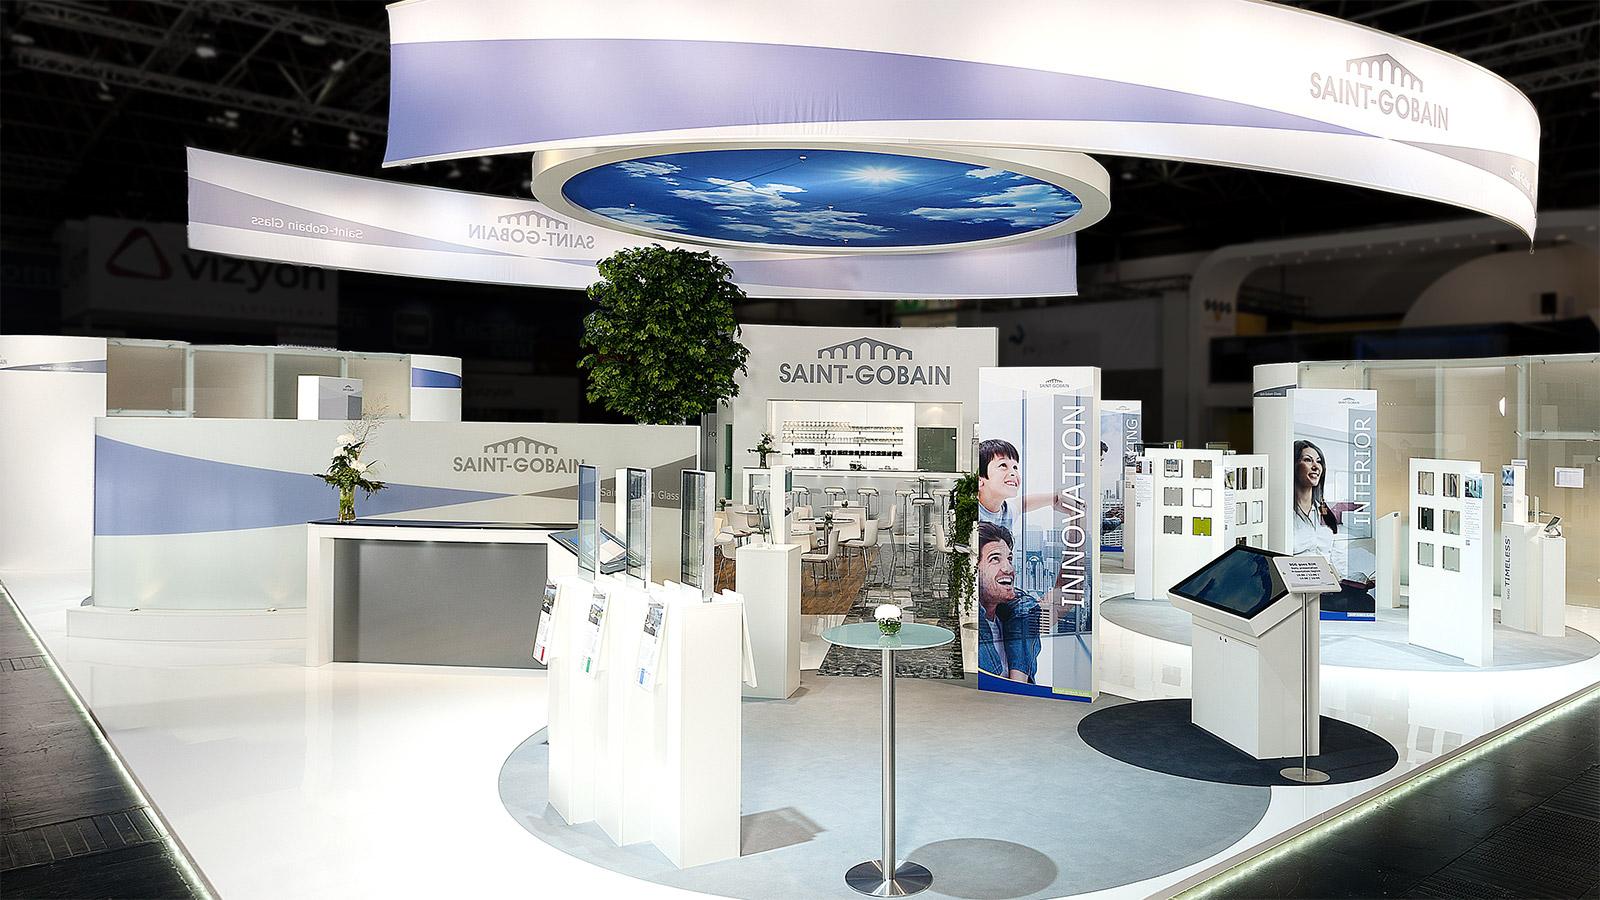 Messestand Produktpräsentation und Markenkommunikation - Messebauer Düsseldorf